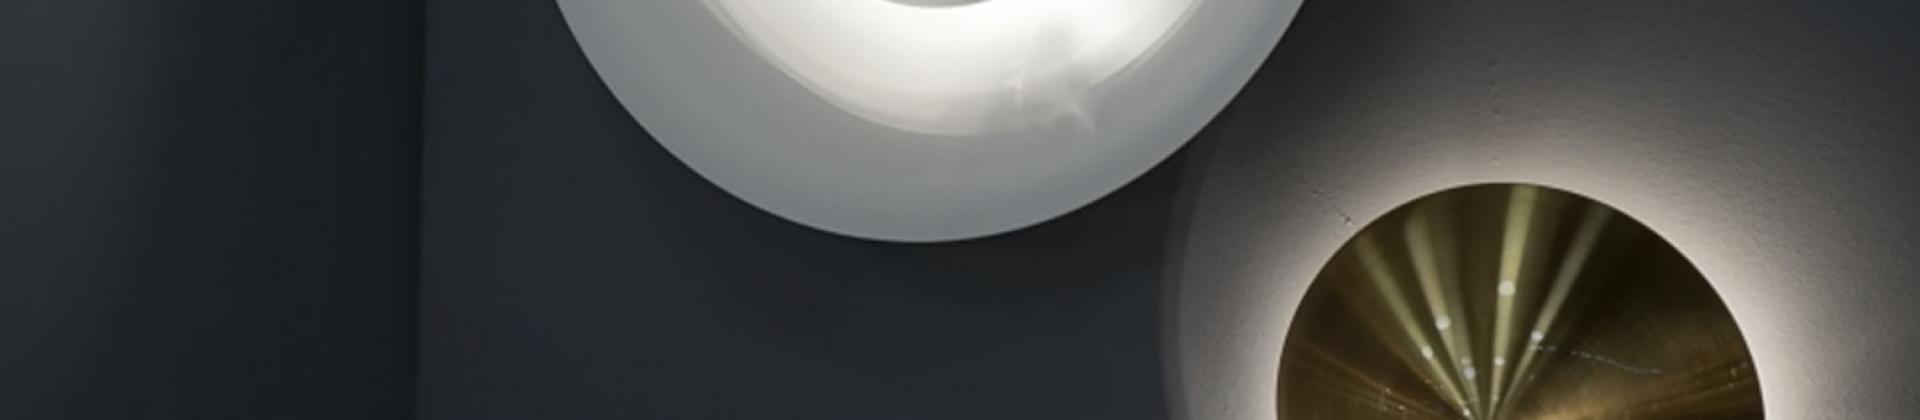 Aromas Deckenleuchten - Lámparas de diseño